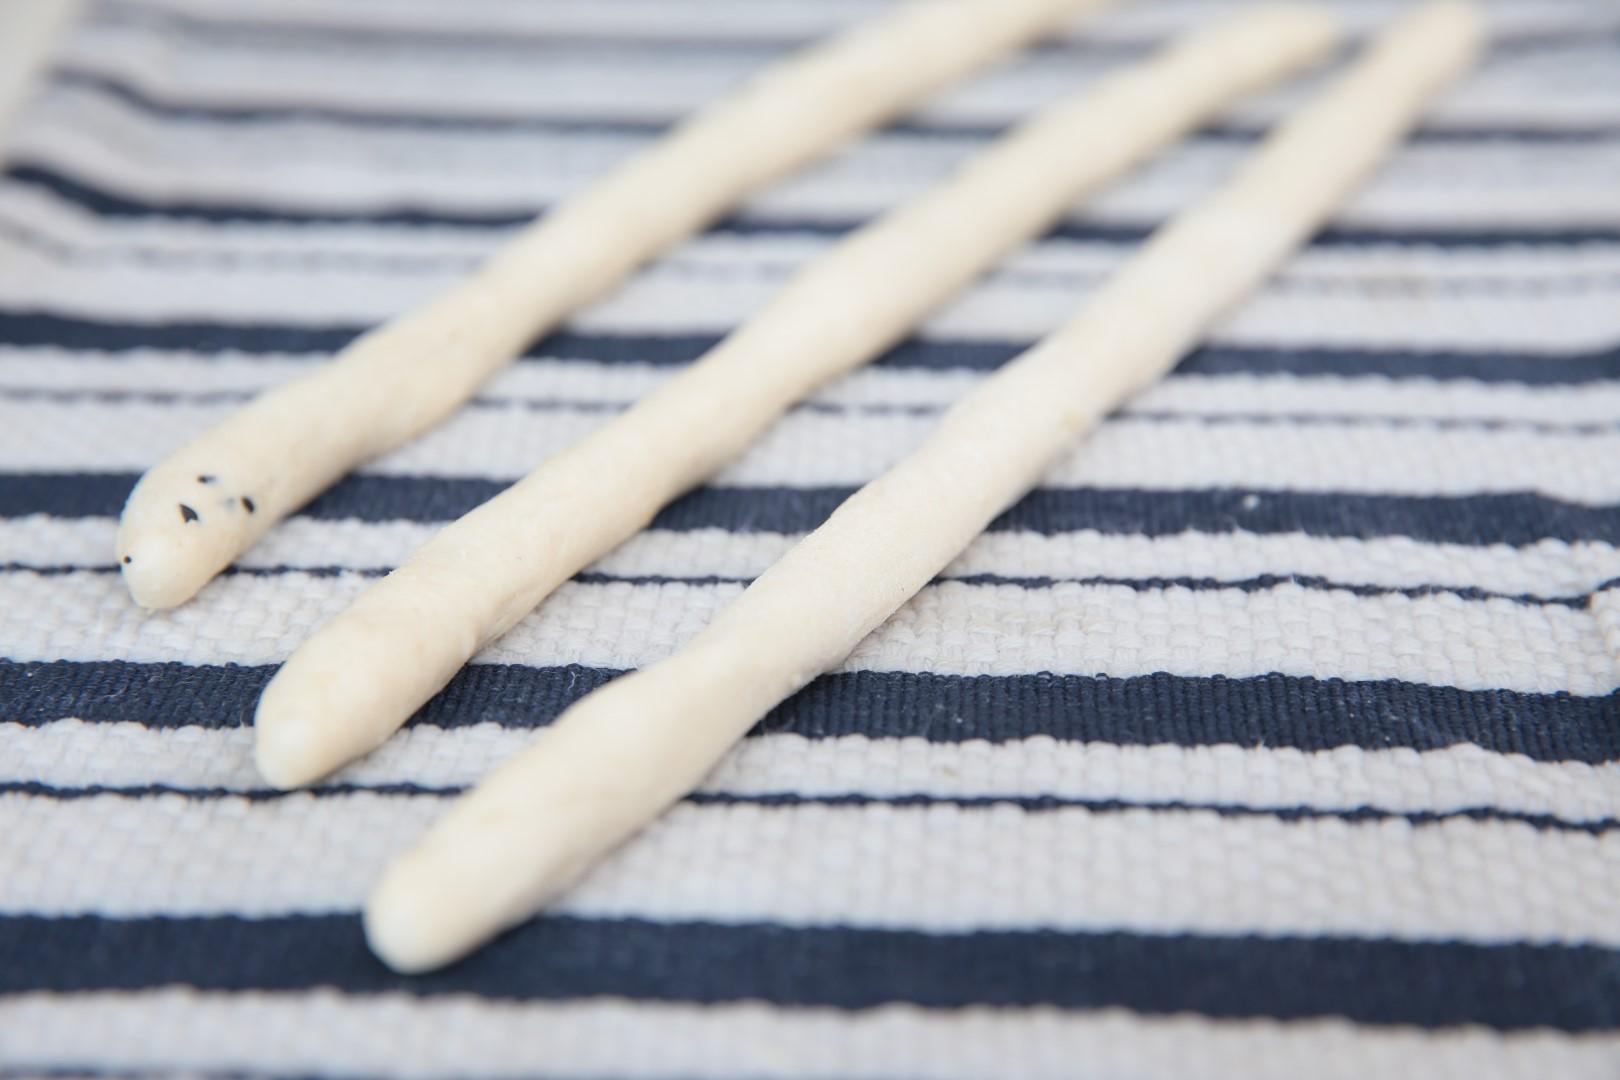 סאני דרעי אופה (צילום: ירון ברנר)